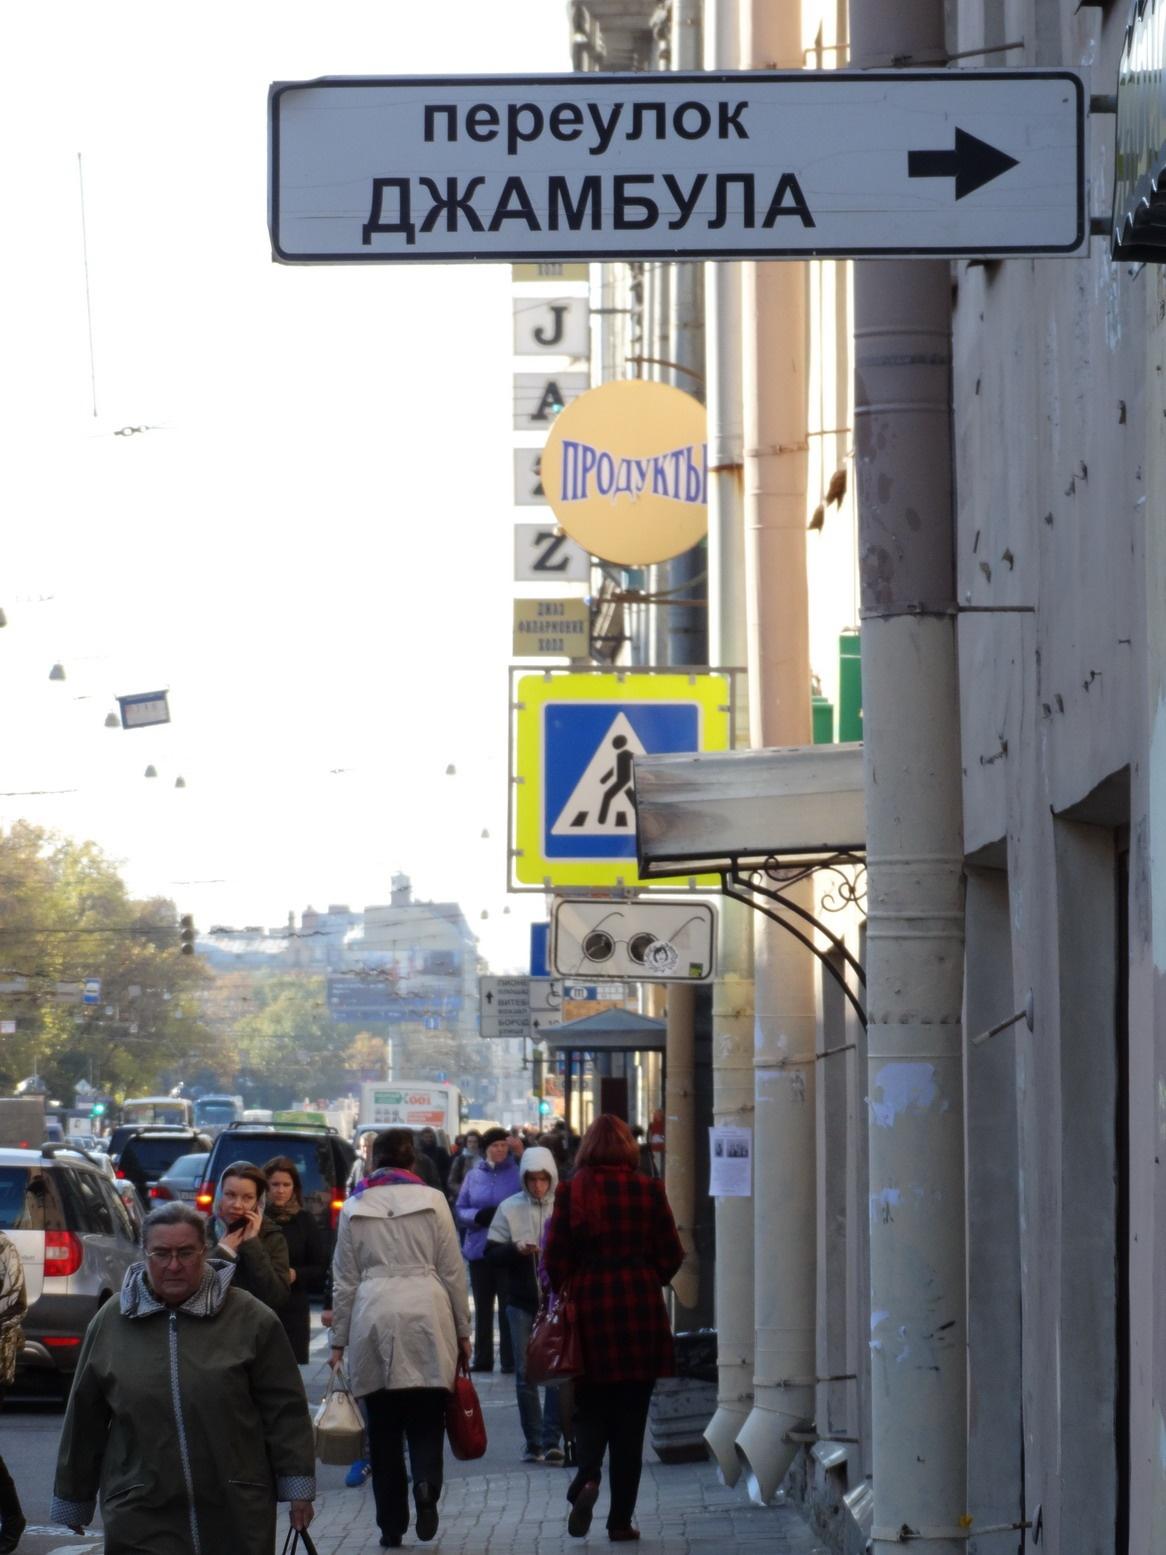 Переулок Джамбула в Санкт-Петербурге